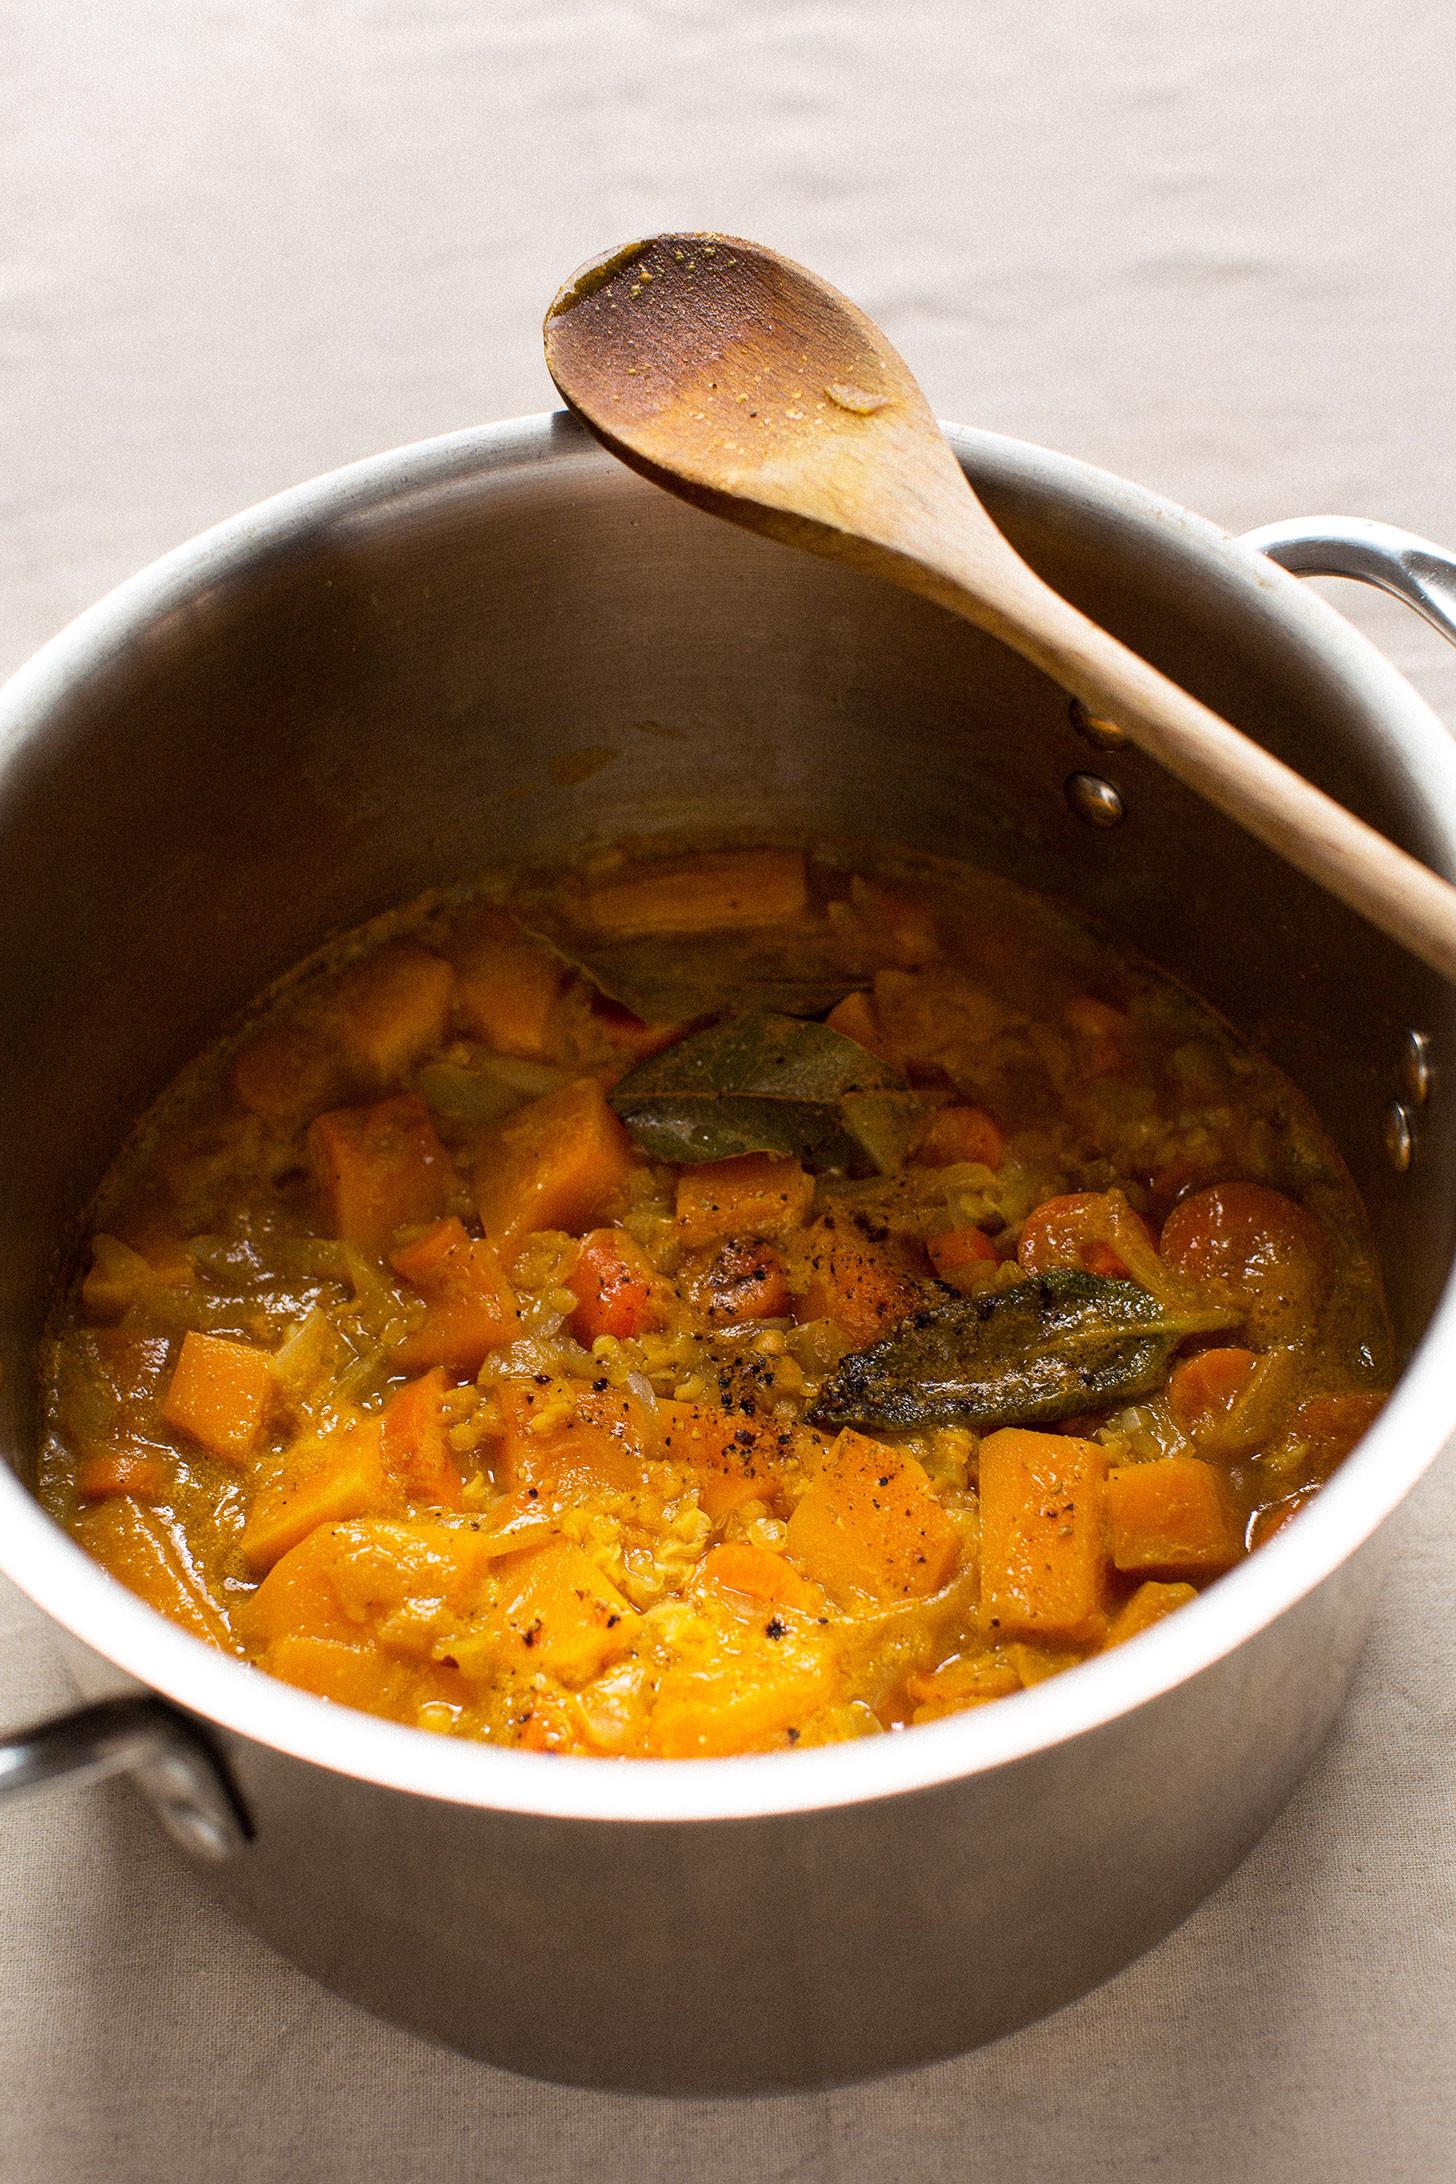 Healthy Acorn Squash Recipes  healthy vegan acorn squash recipes